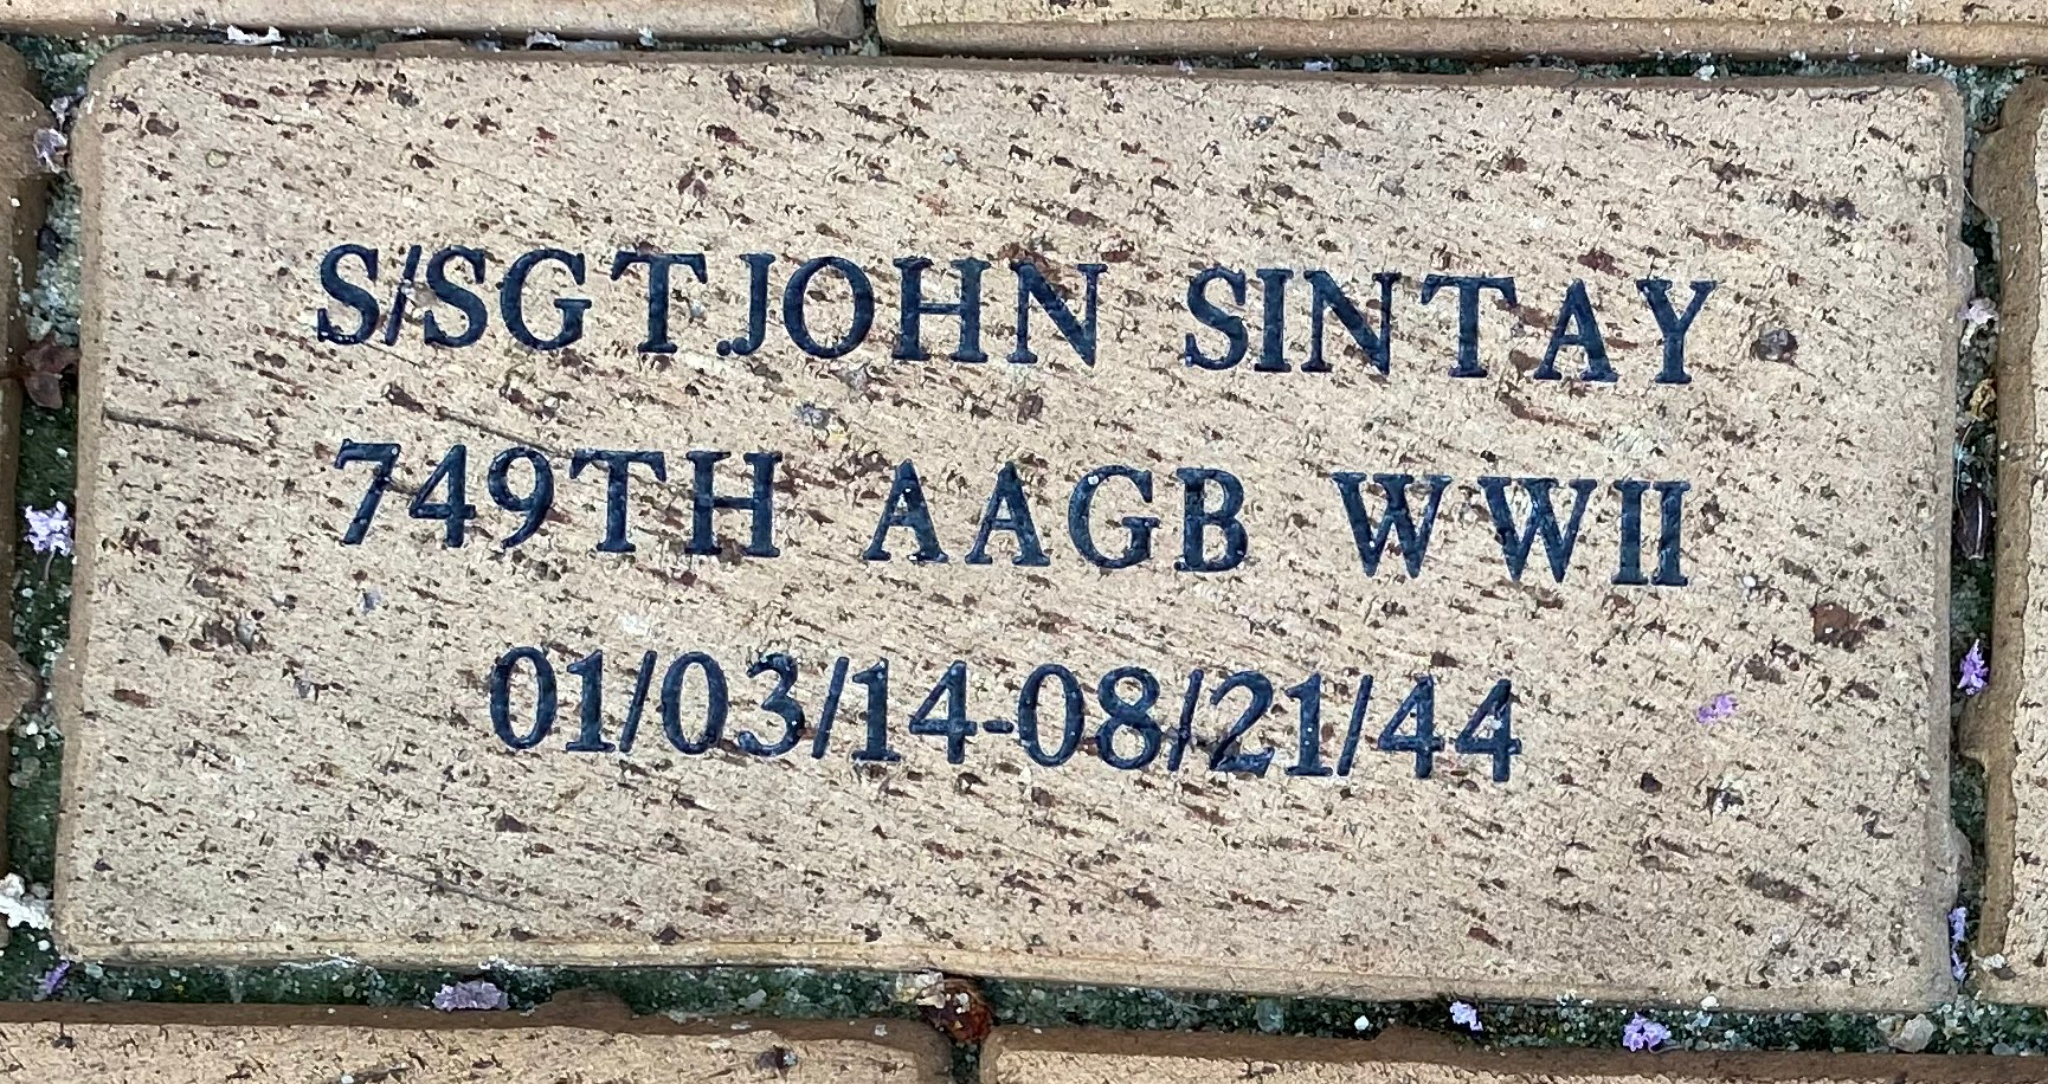 S/SGT JOHN SINTAY 749TH AAGB WWII 01/03/14-08/21/44